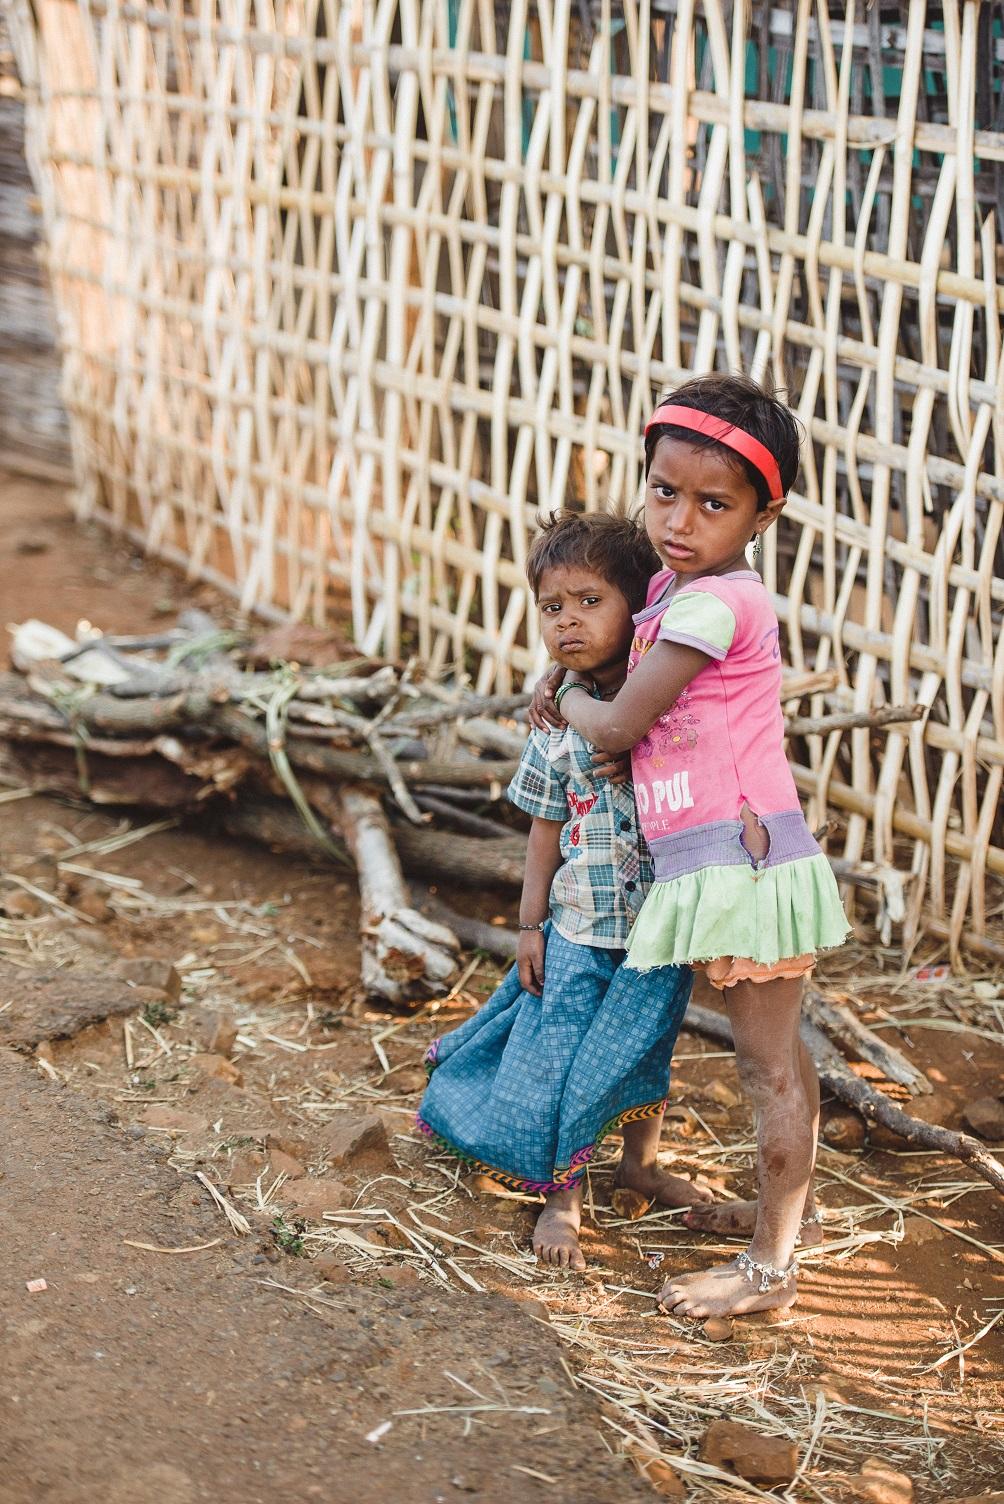 Children by fence.jpg